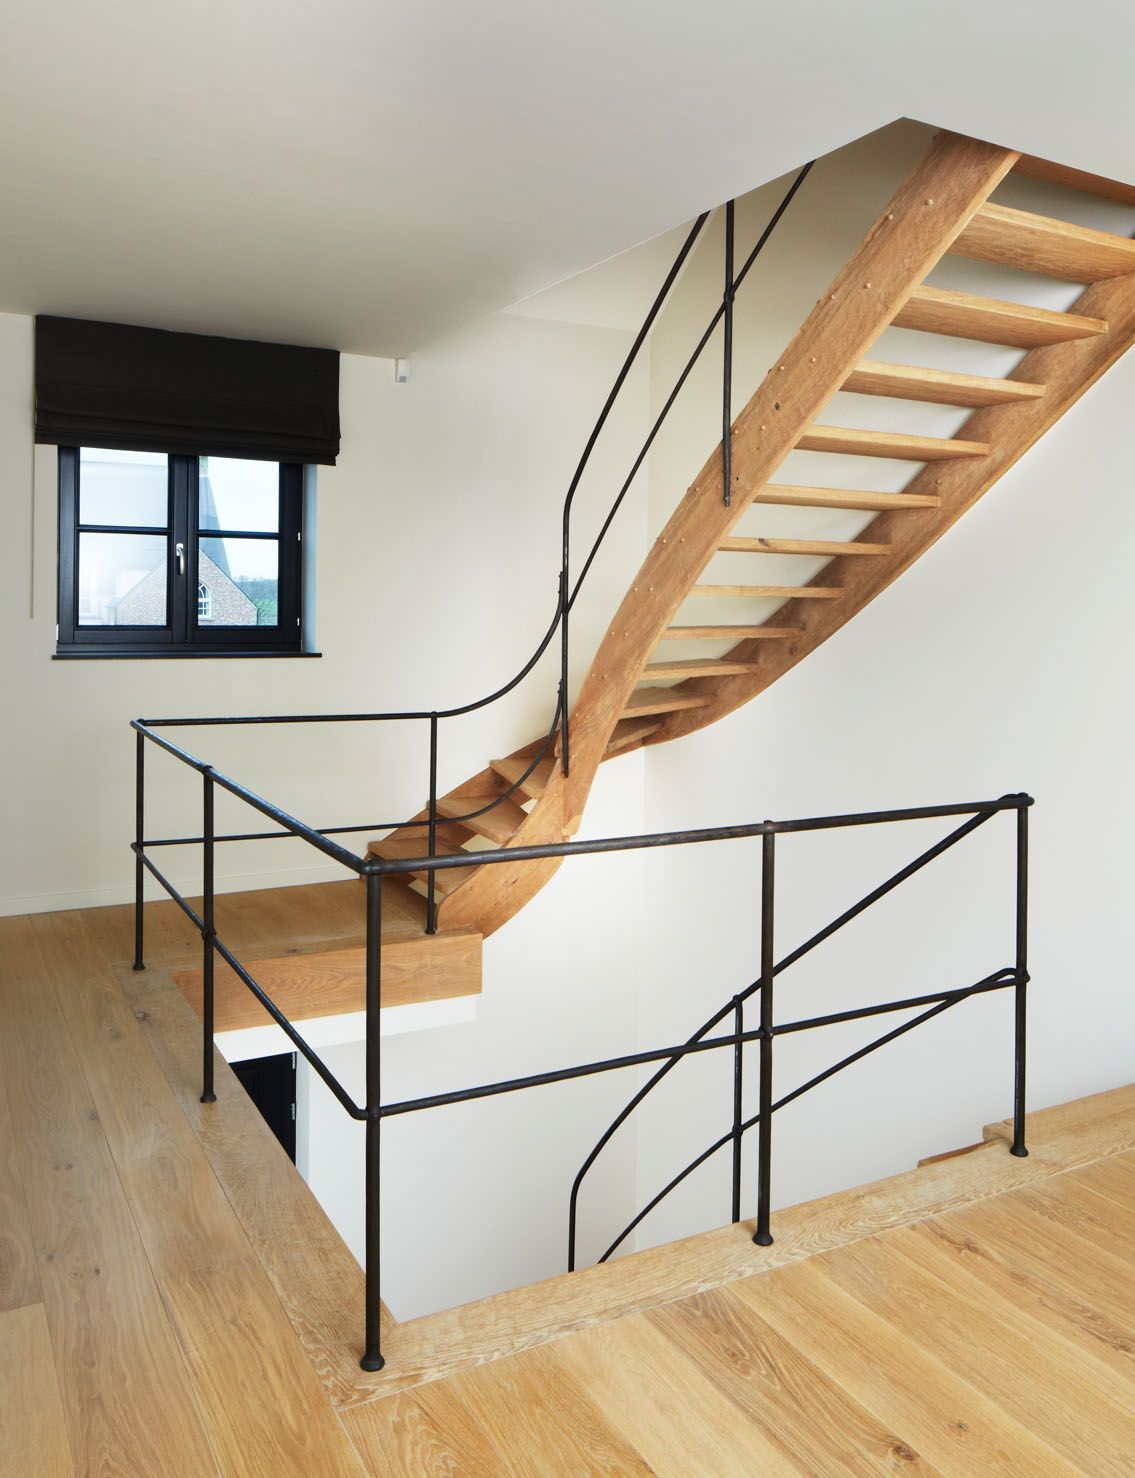 Eiken trap met smeedijzeren leuning trappenlauwers eric kasterlee pinterest banisters - Leuning smeedijzeren trap ...